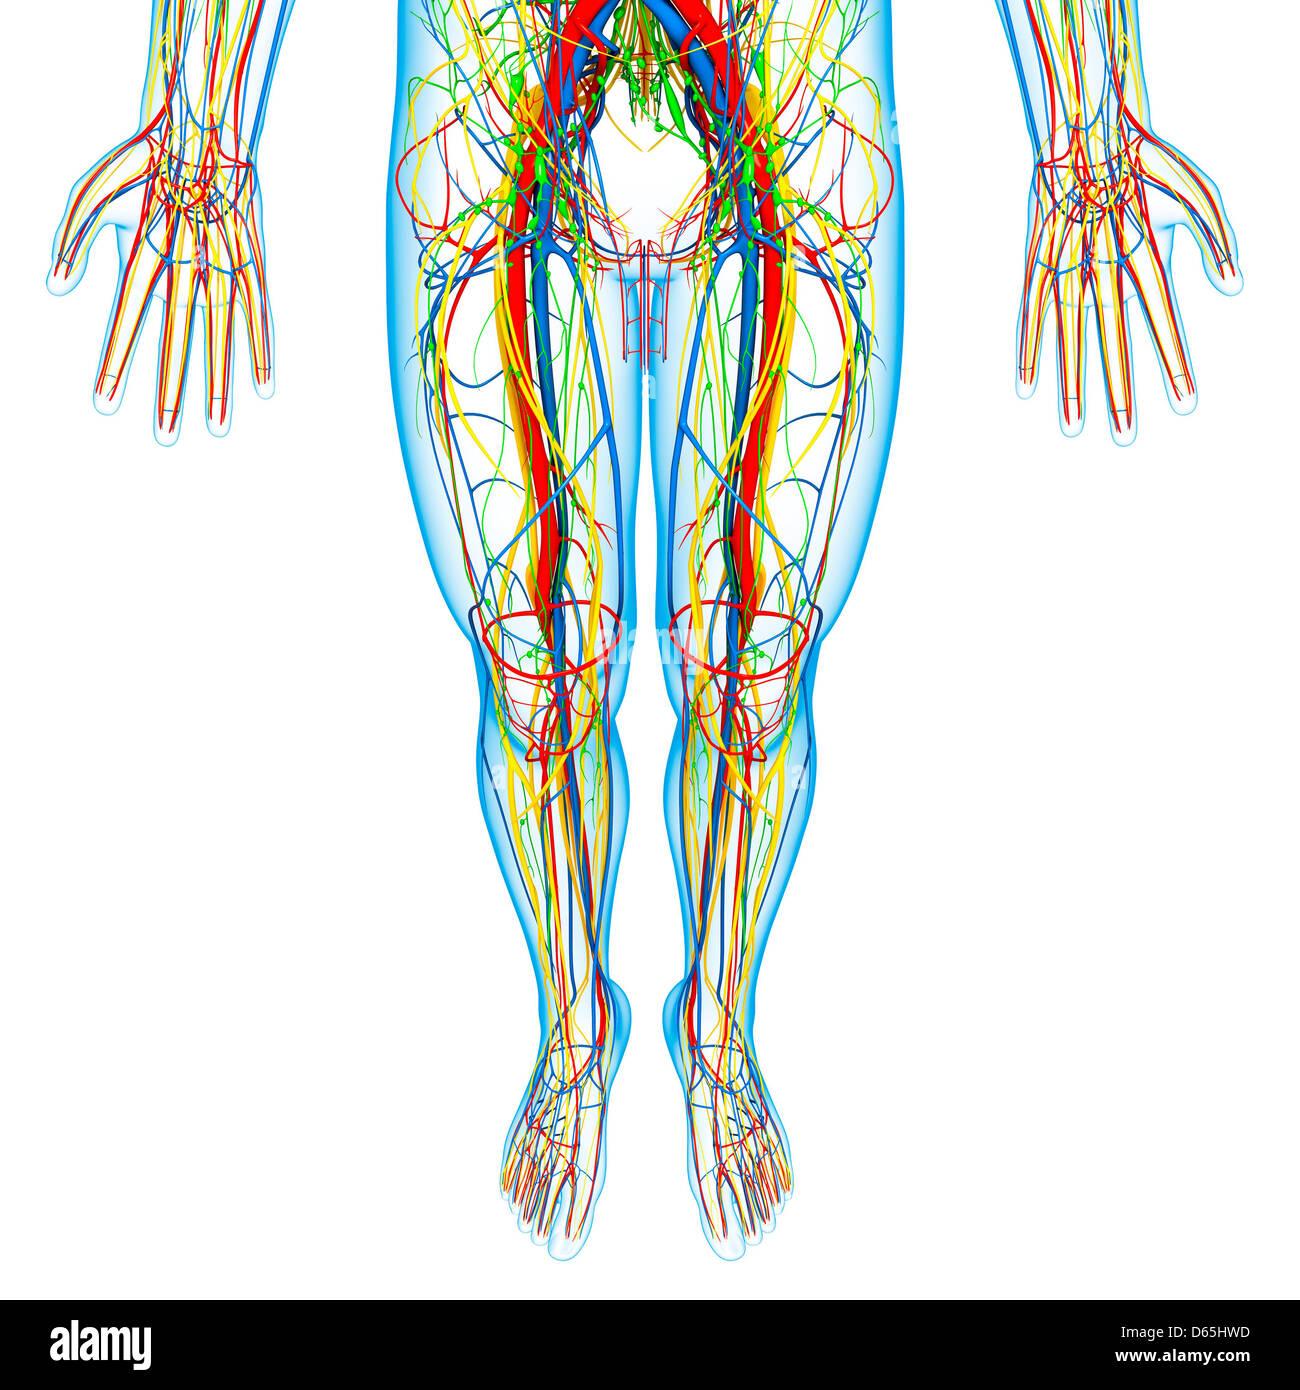 Unteren Körper Anatomie, artwork Stockfoto, Bild: 55442841 - Alamy